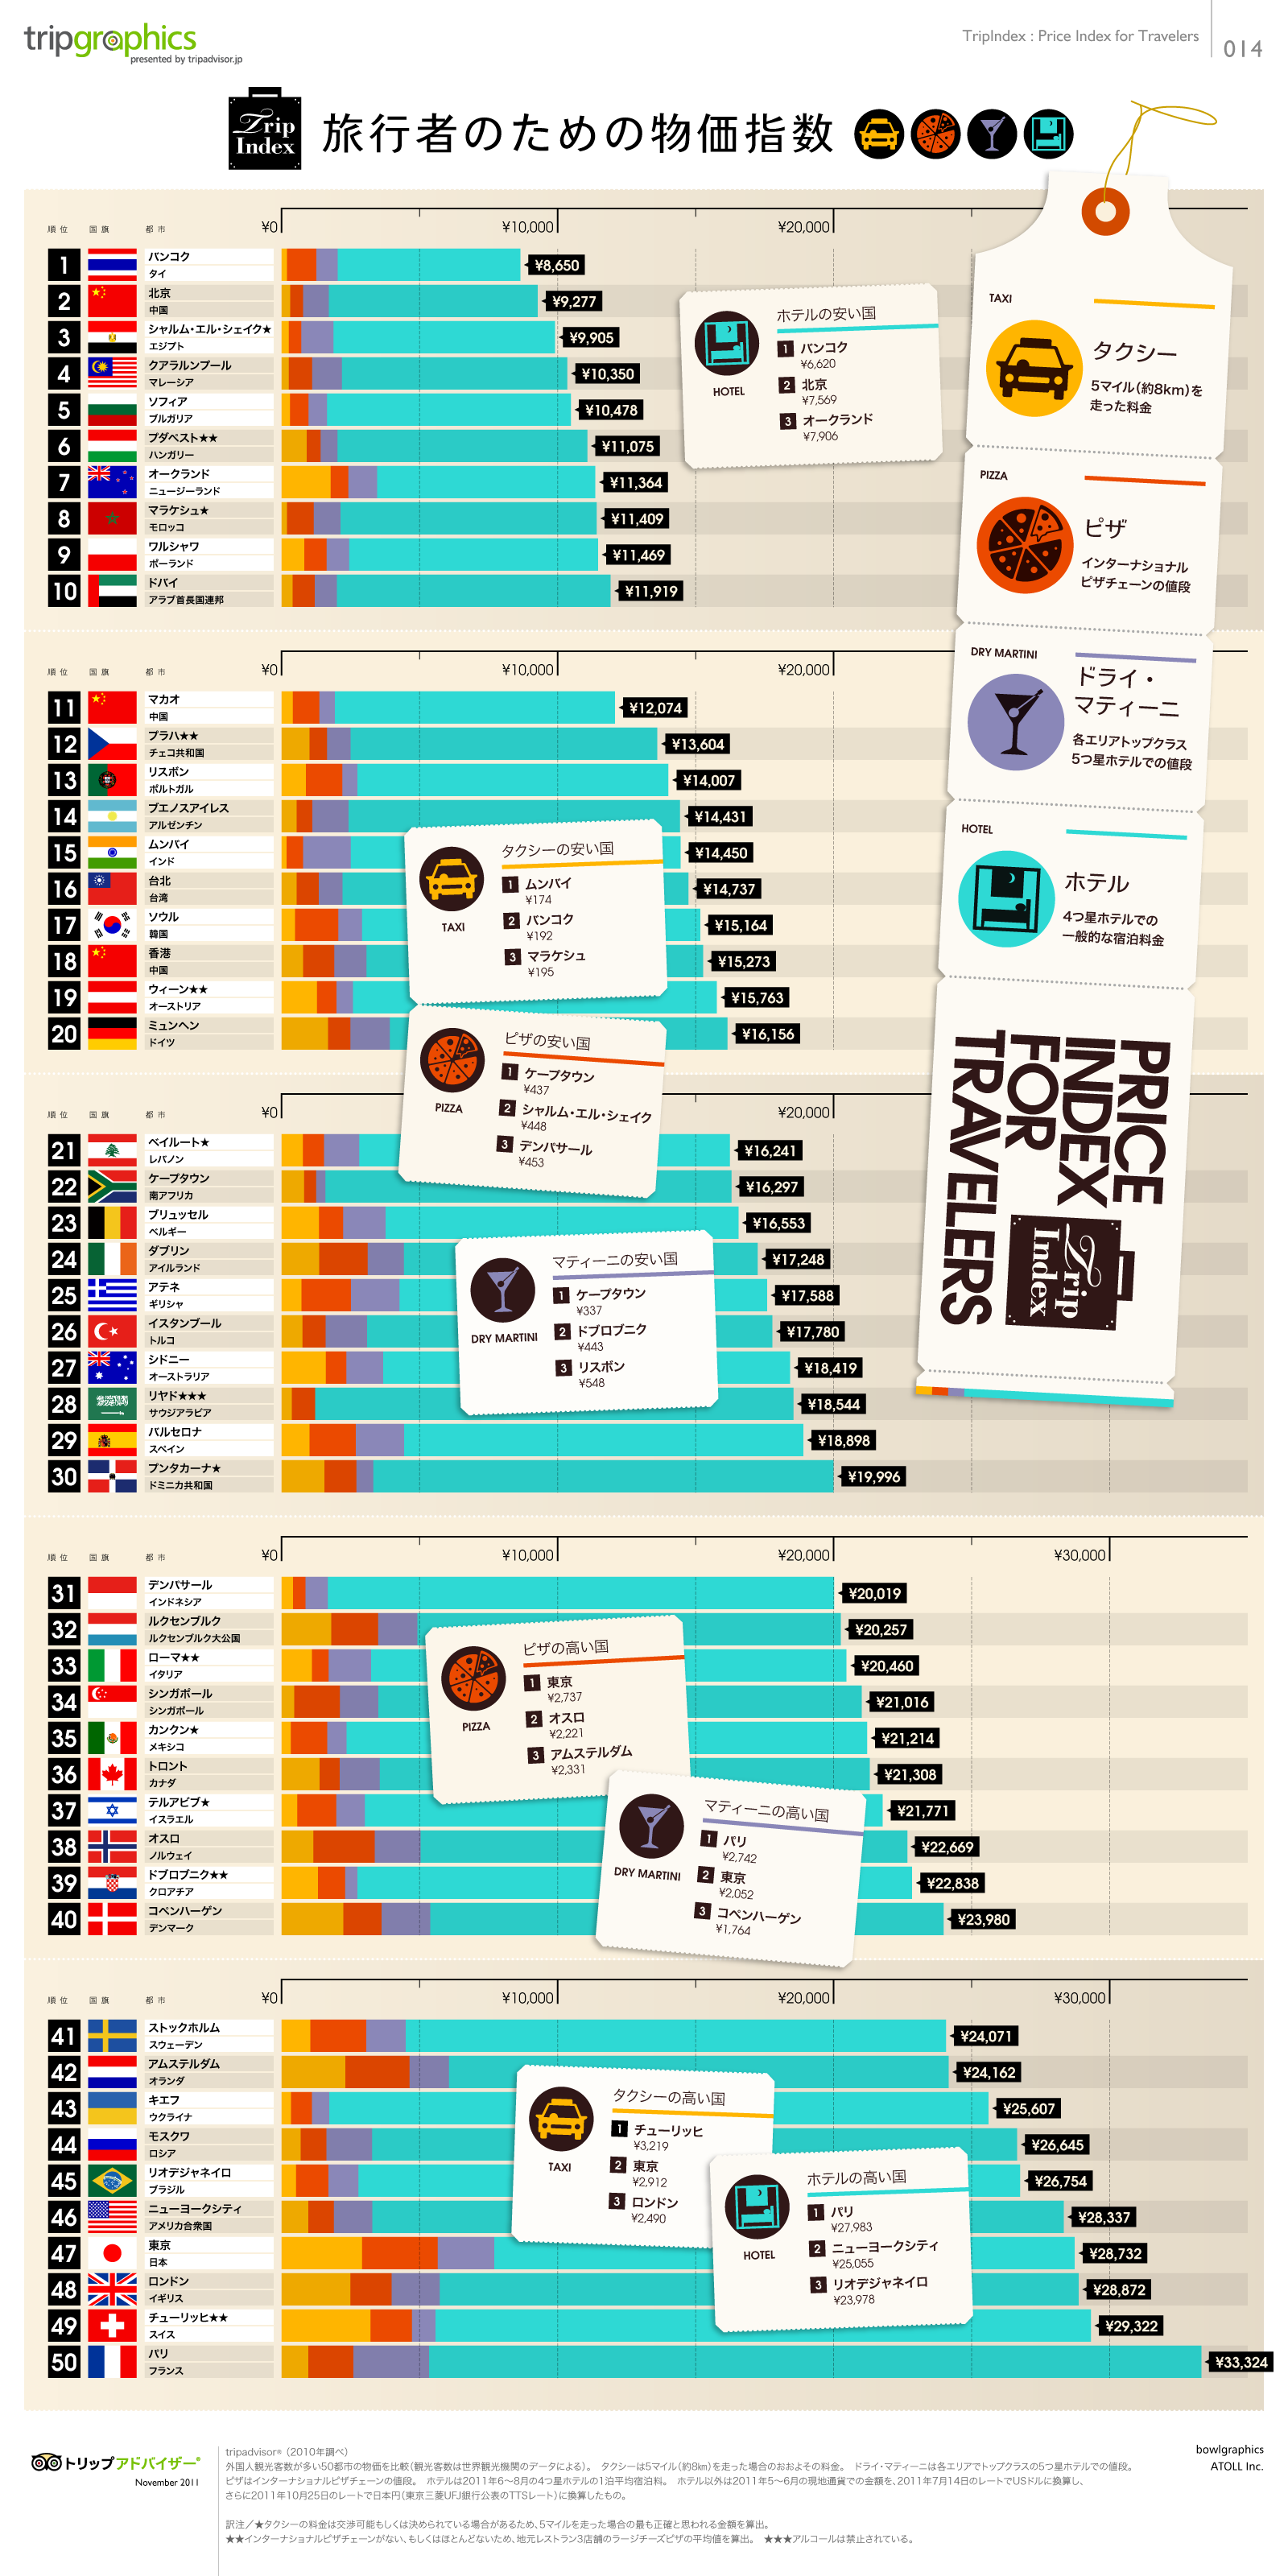 インフォグラフィック:貧乏旅行ができる国(50ヶ国)を徹底比較。格安旅行はアジア圏